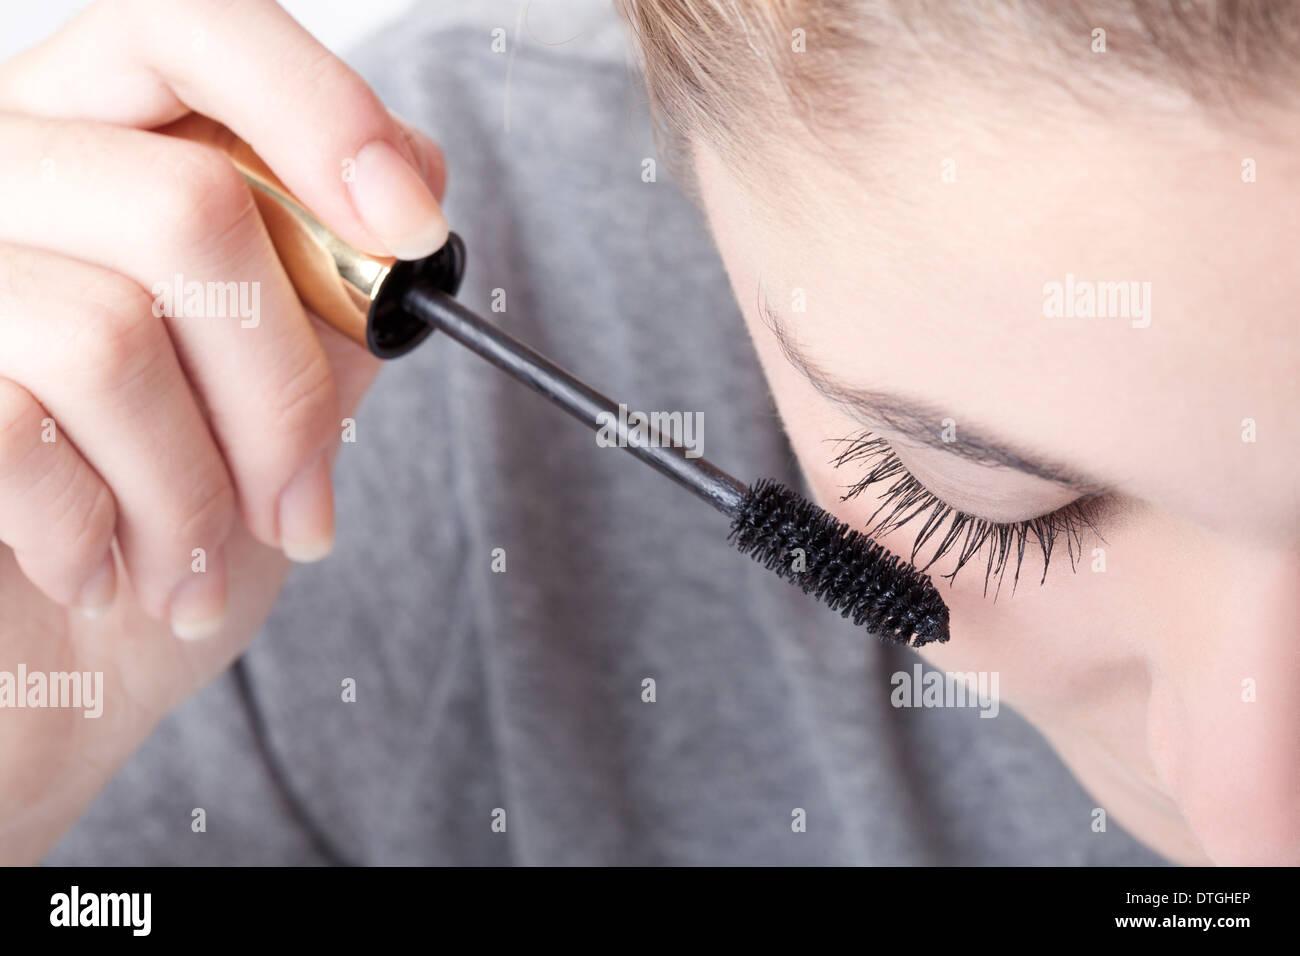 Adolescente aplicando mascara Imagen De Stock